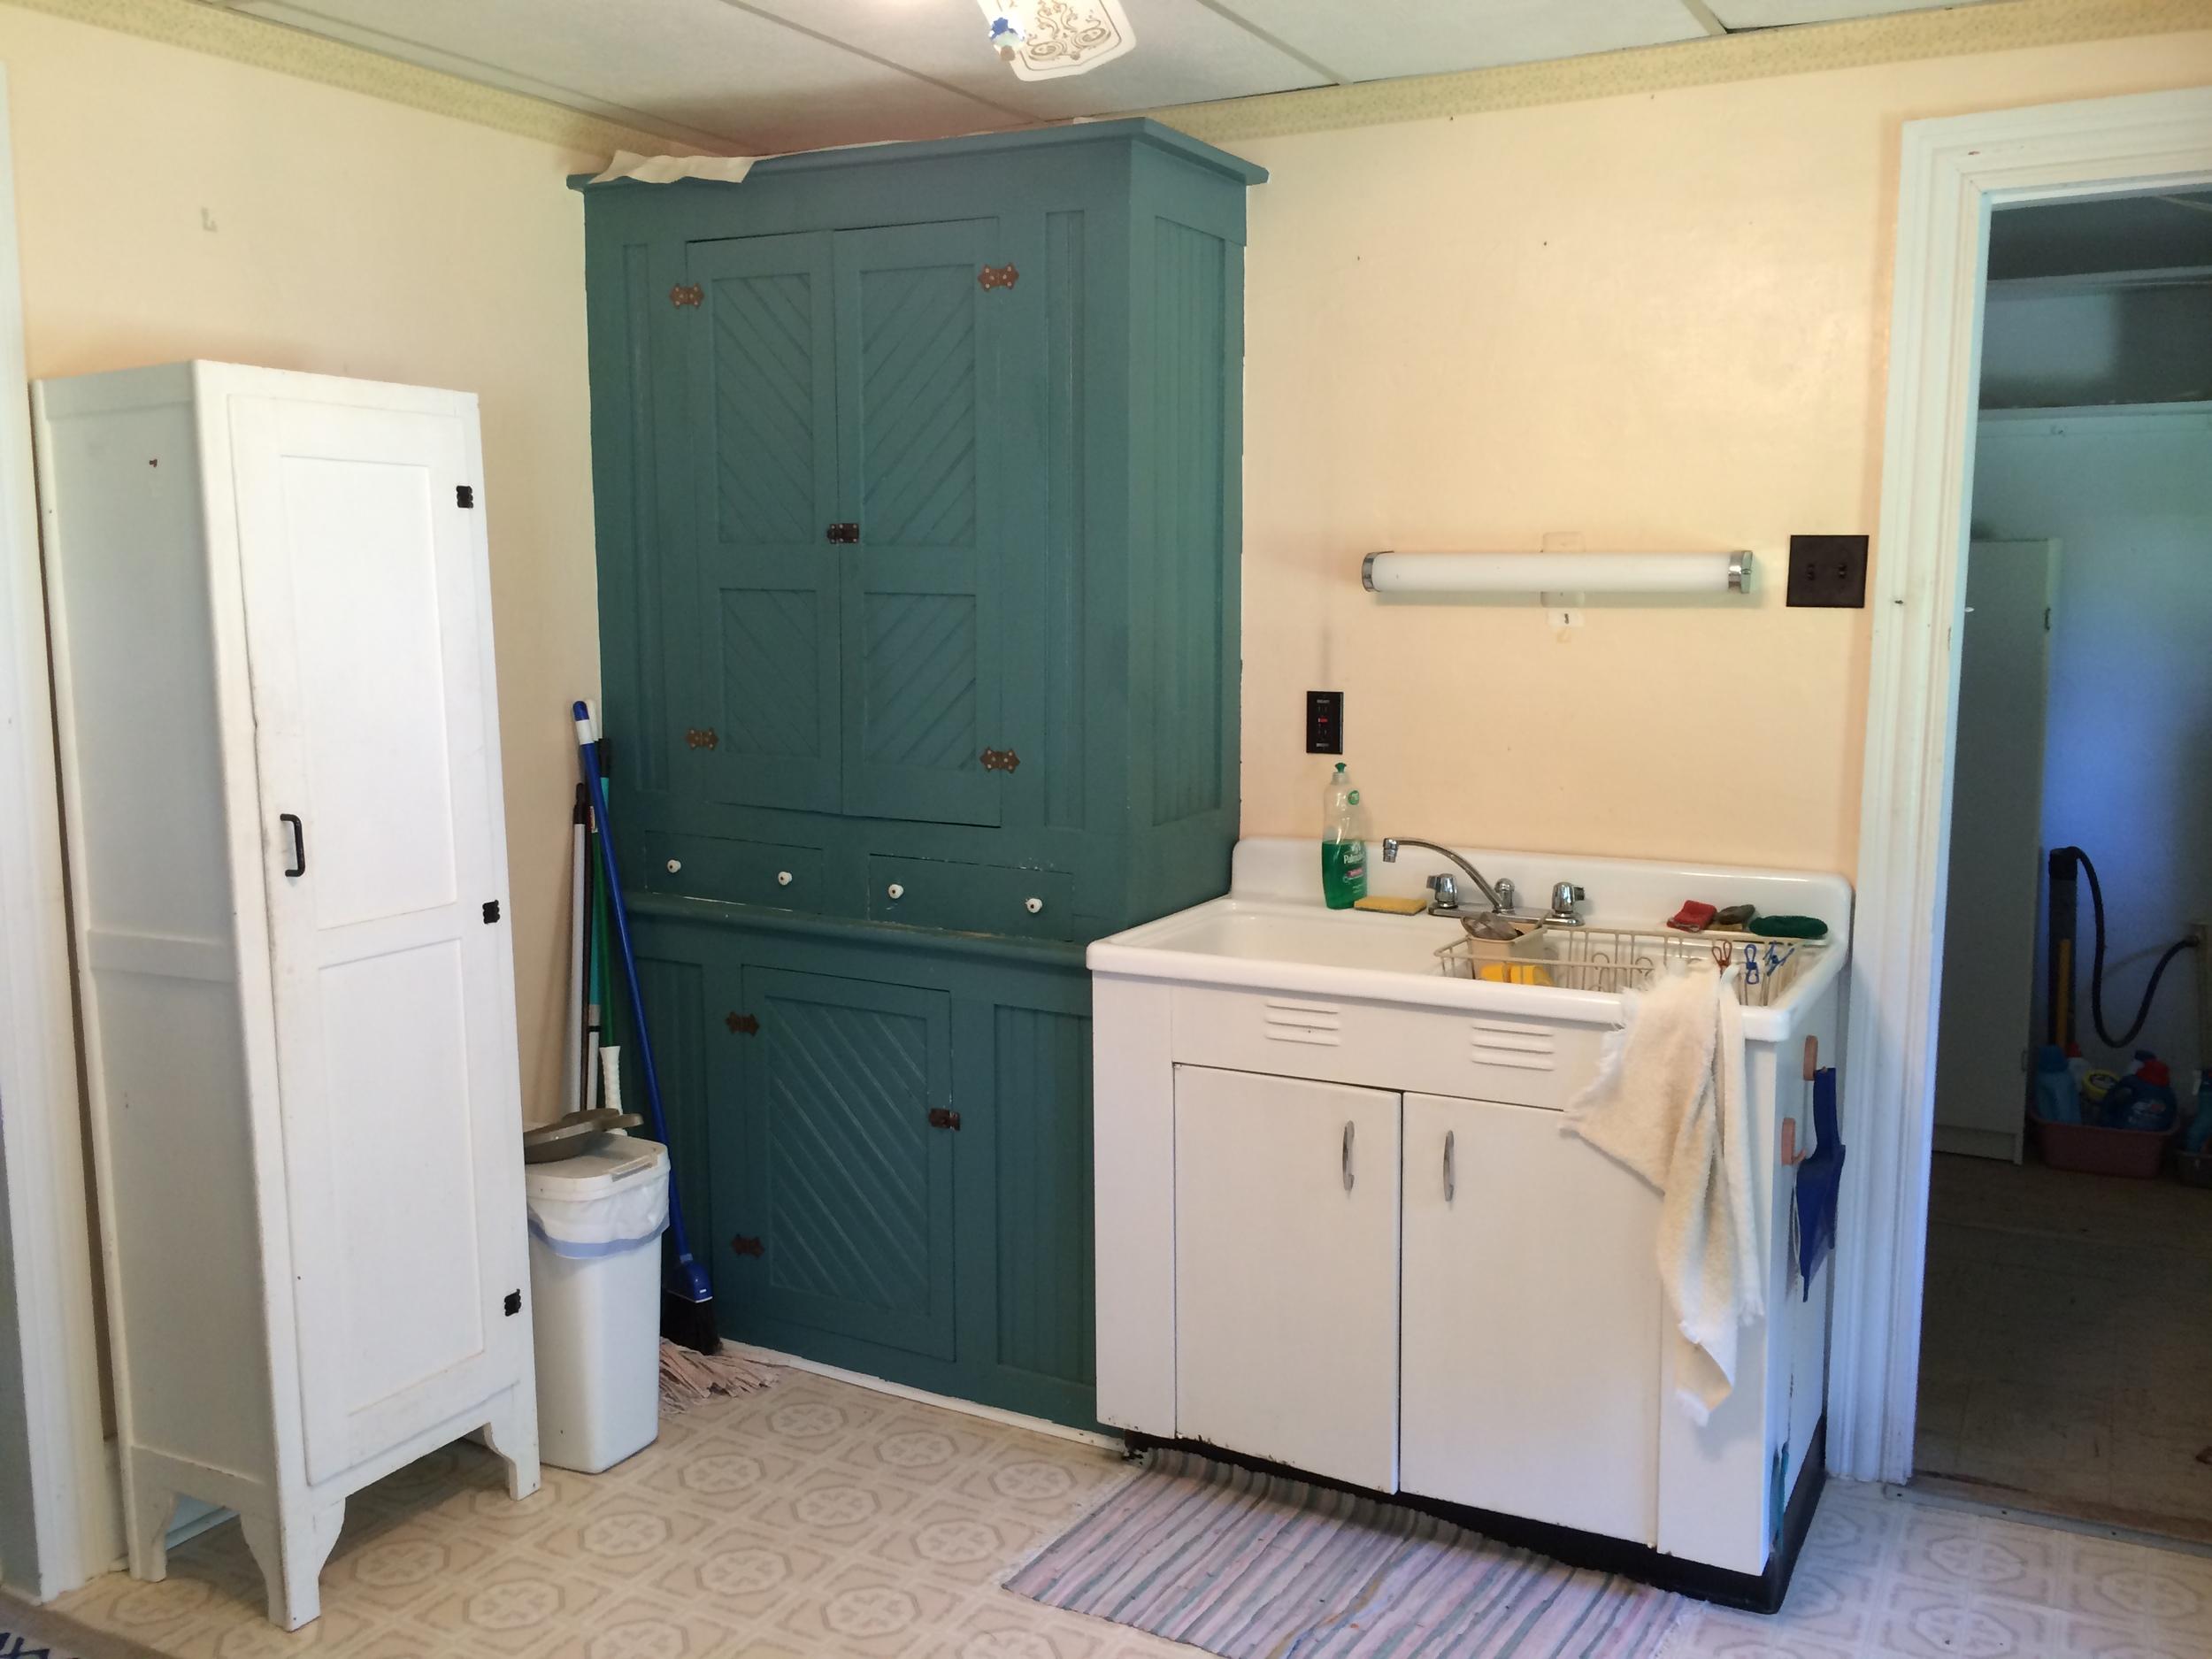 Kitchen 1 Cupboard & Sink.JPG